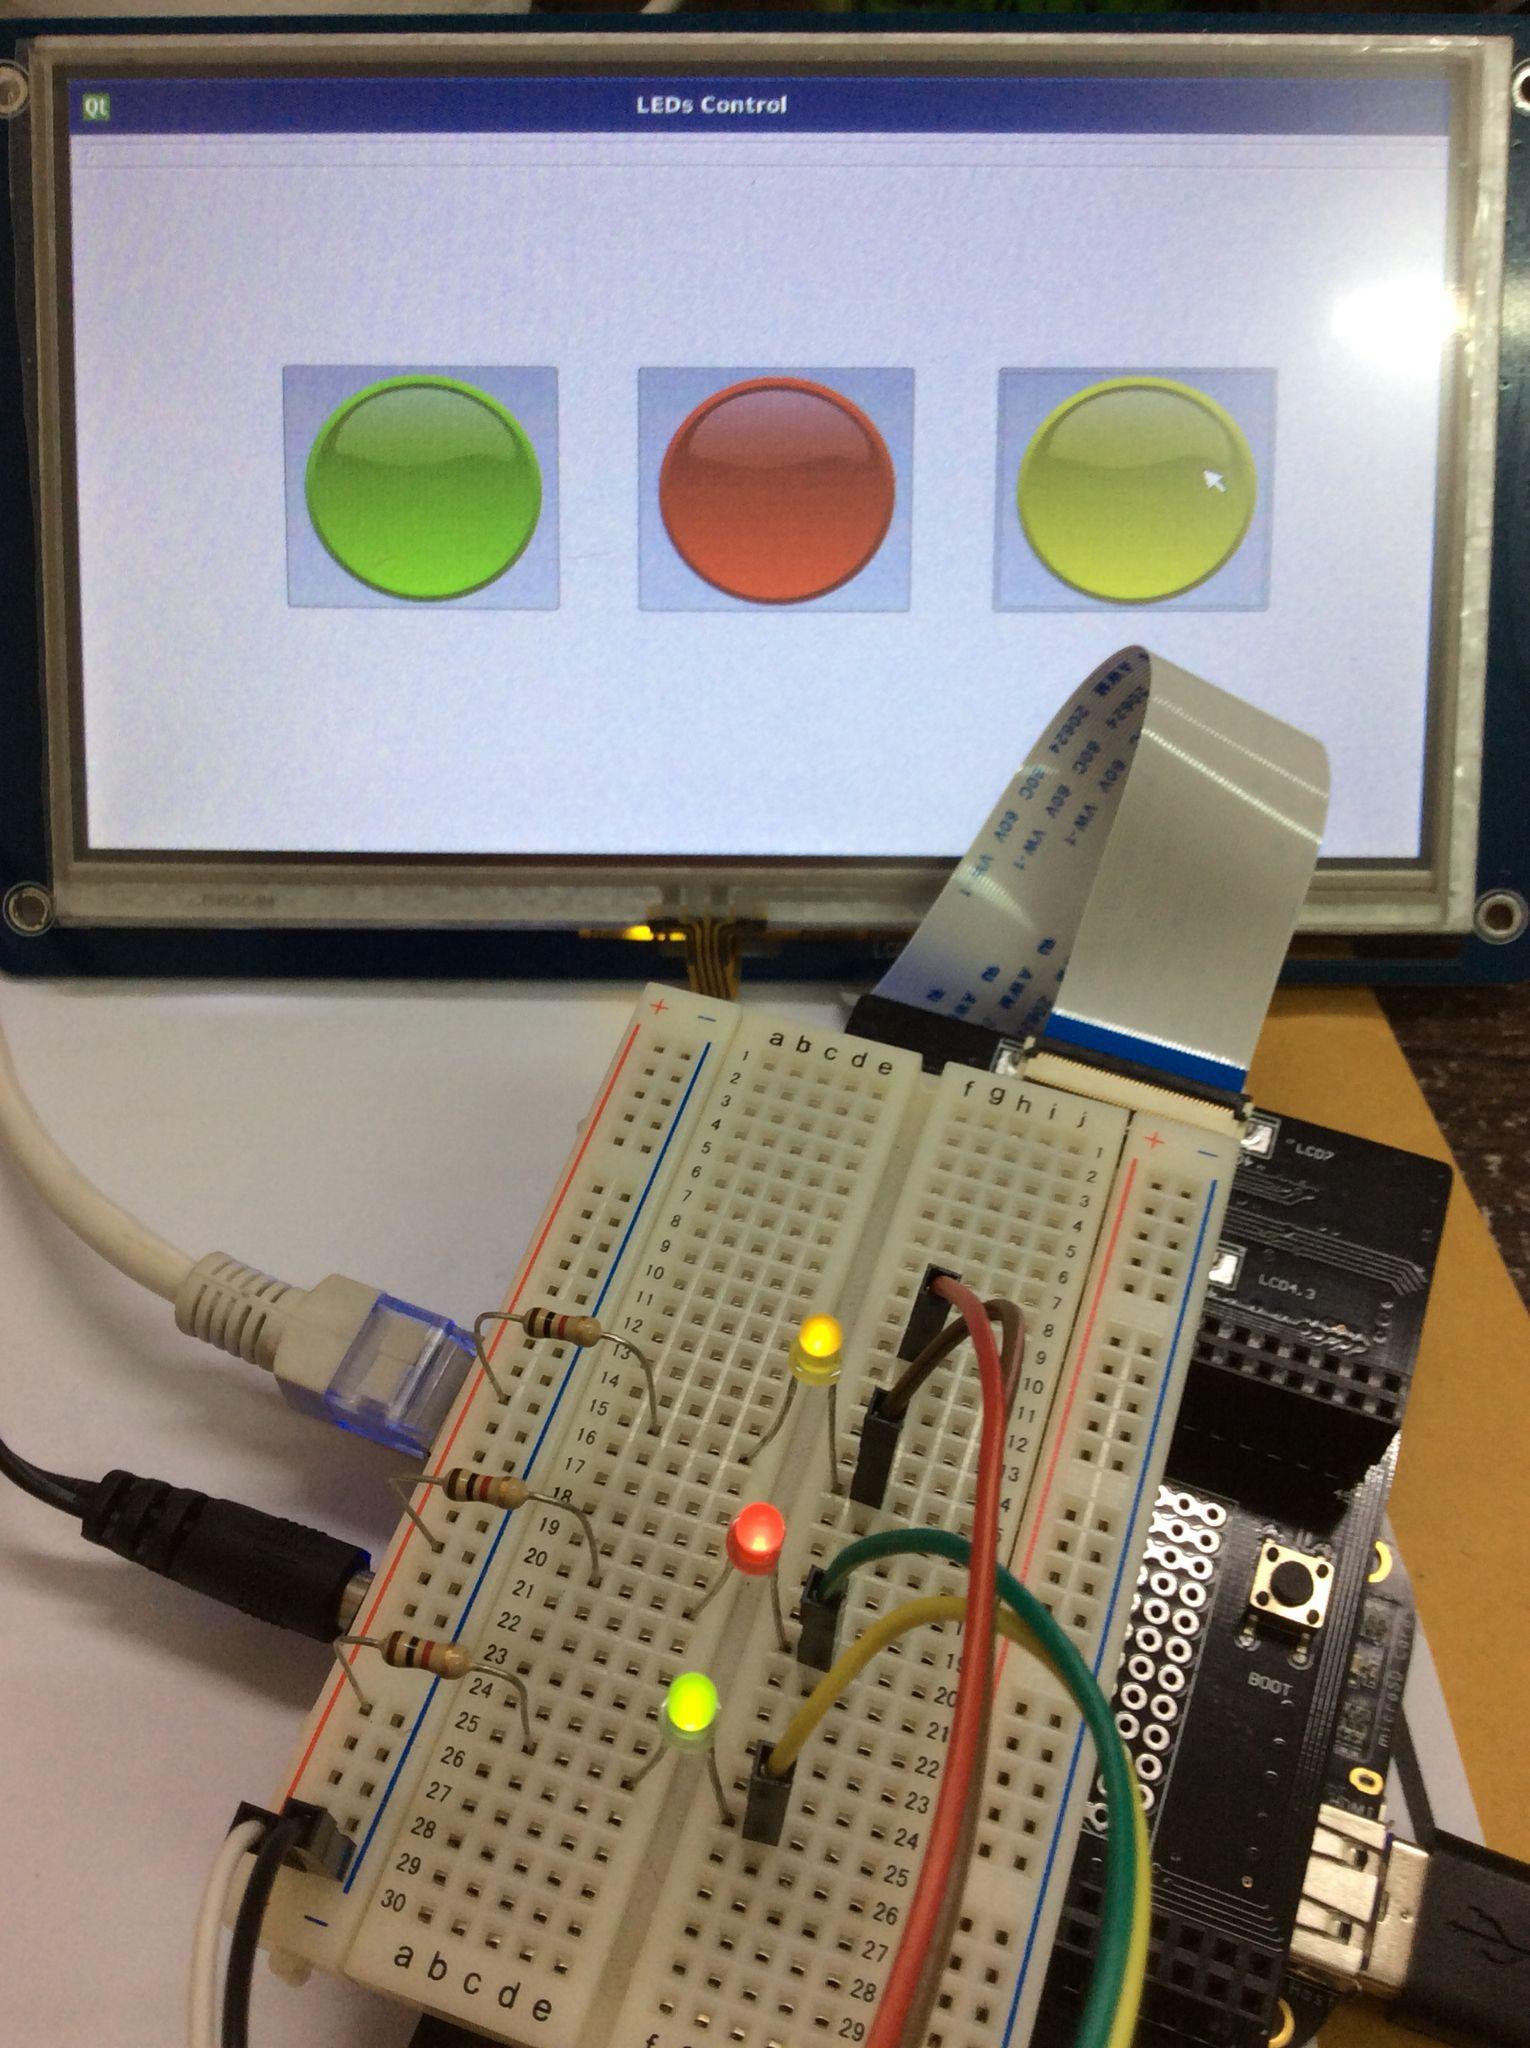 Beaglebone black control external leds using Qt